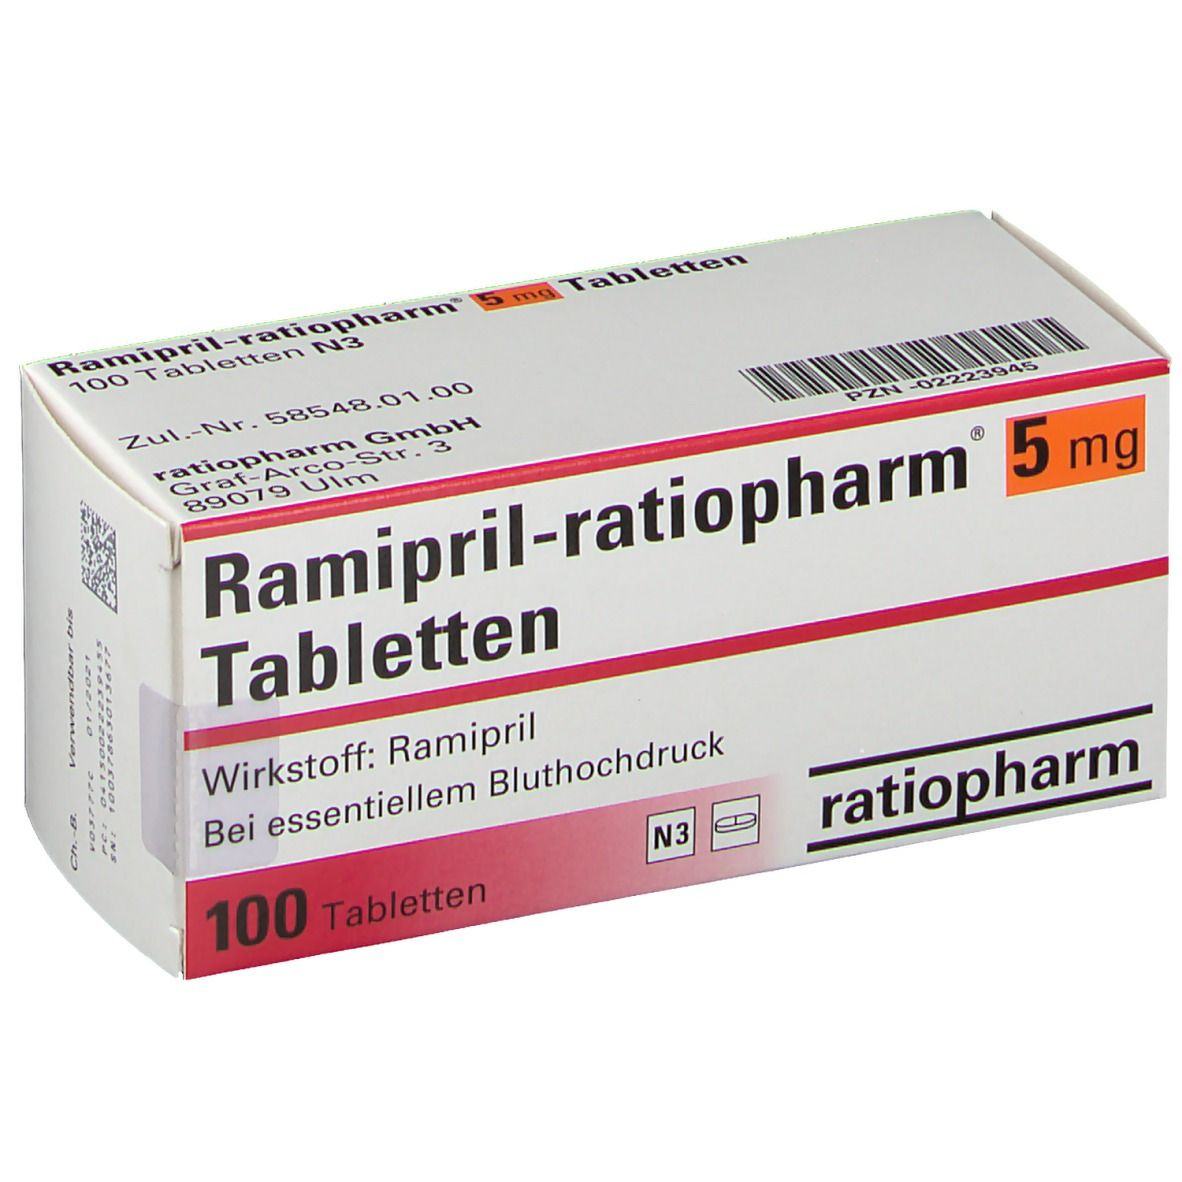 Tabletten gegen bluthochdruck rezeptfrei